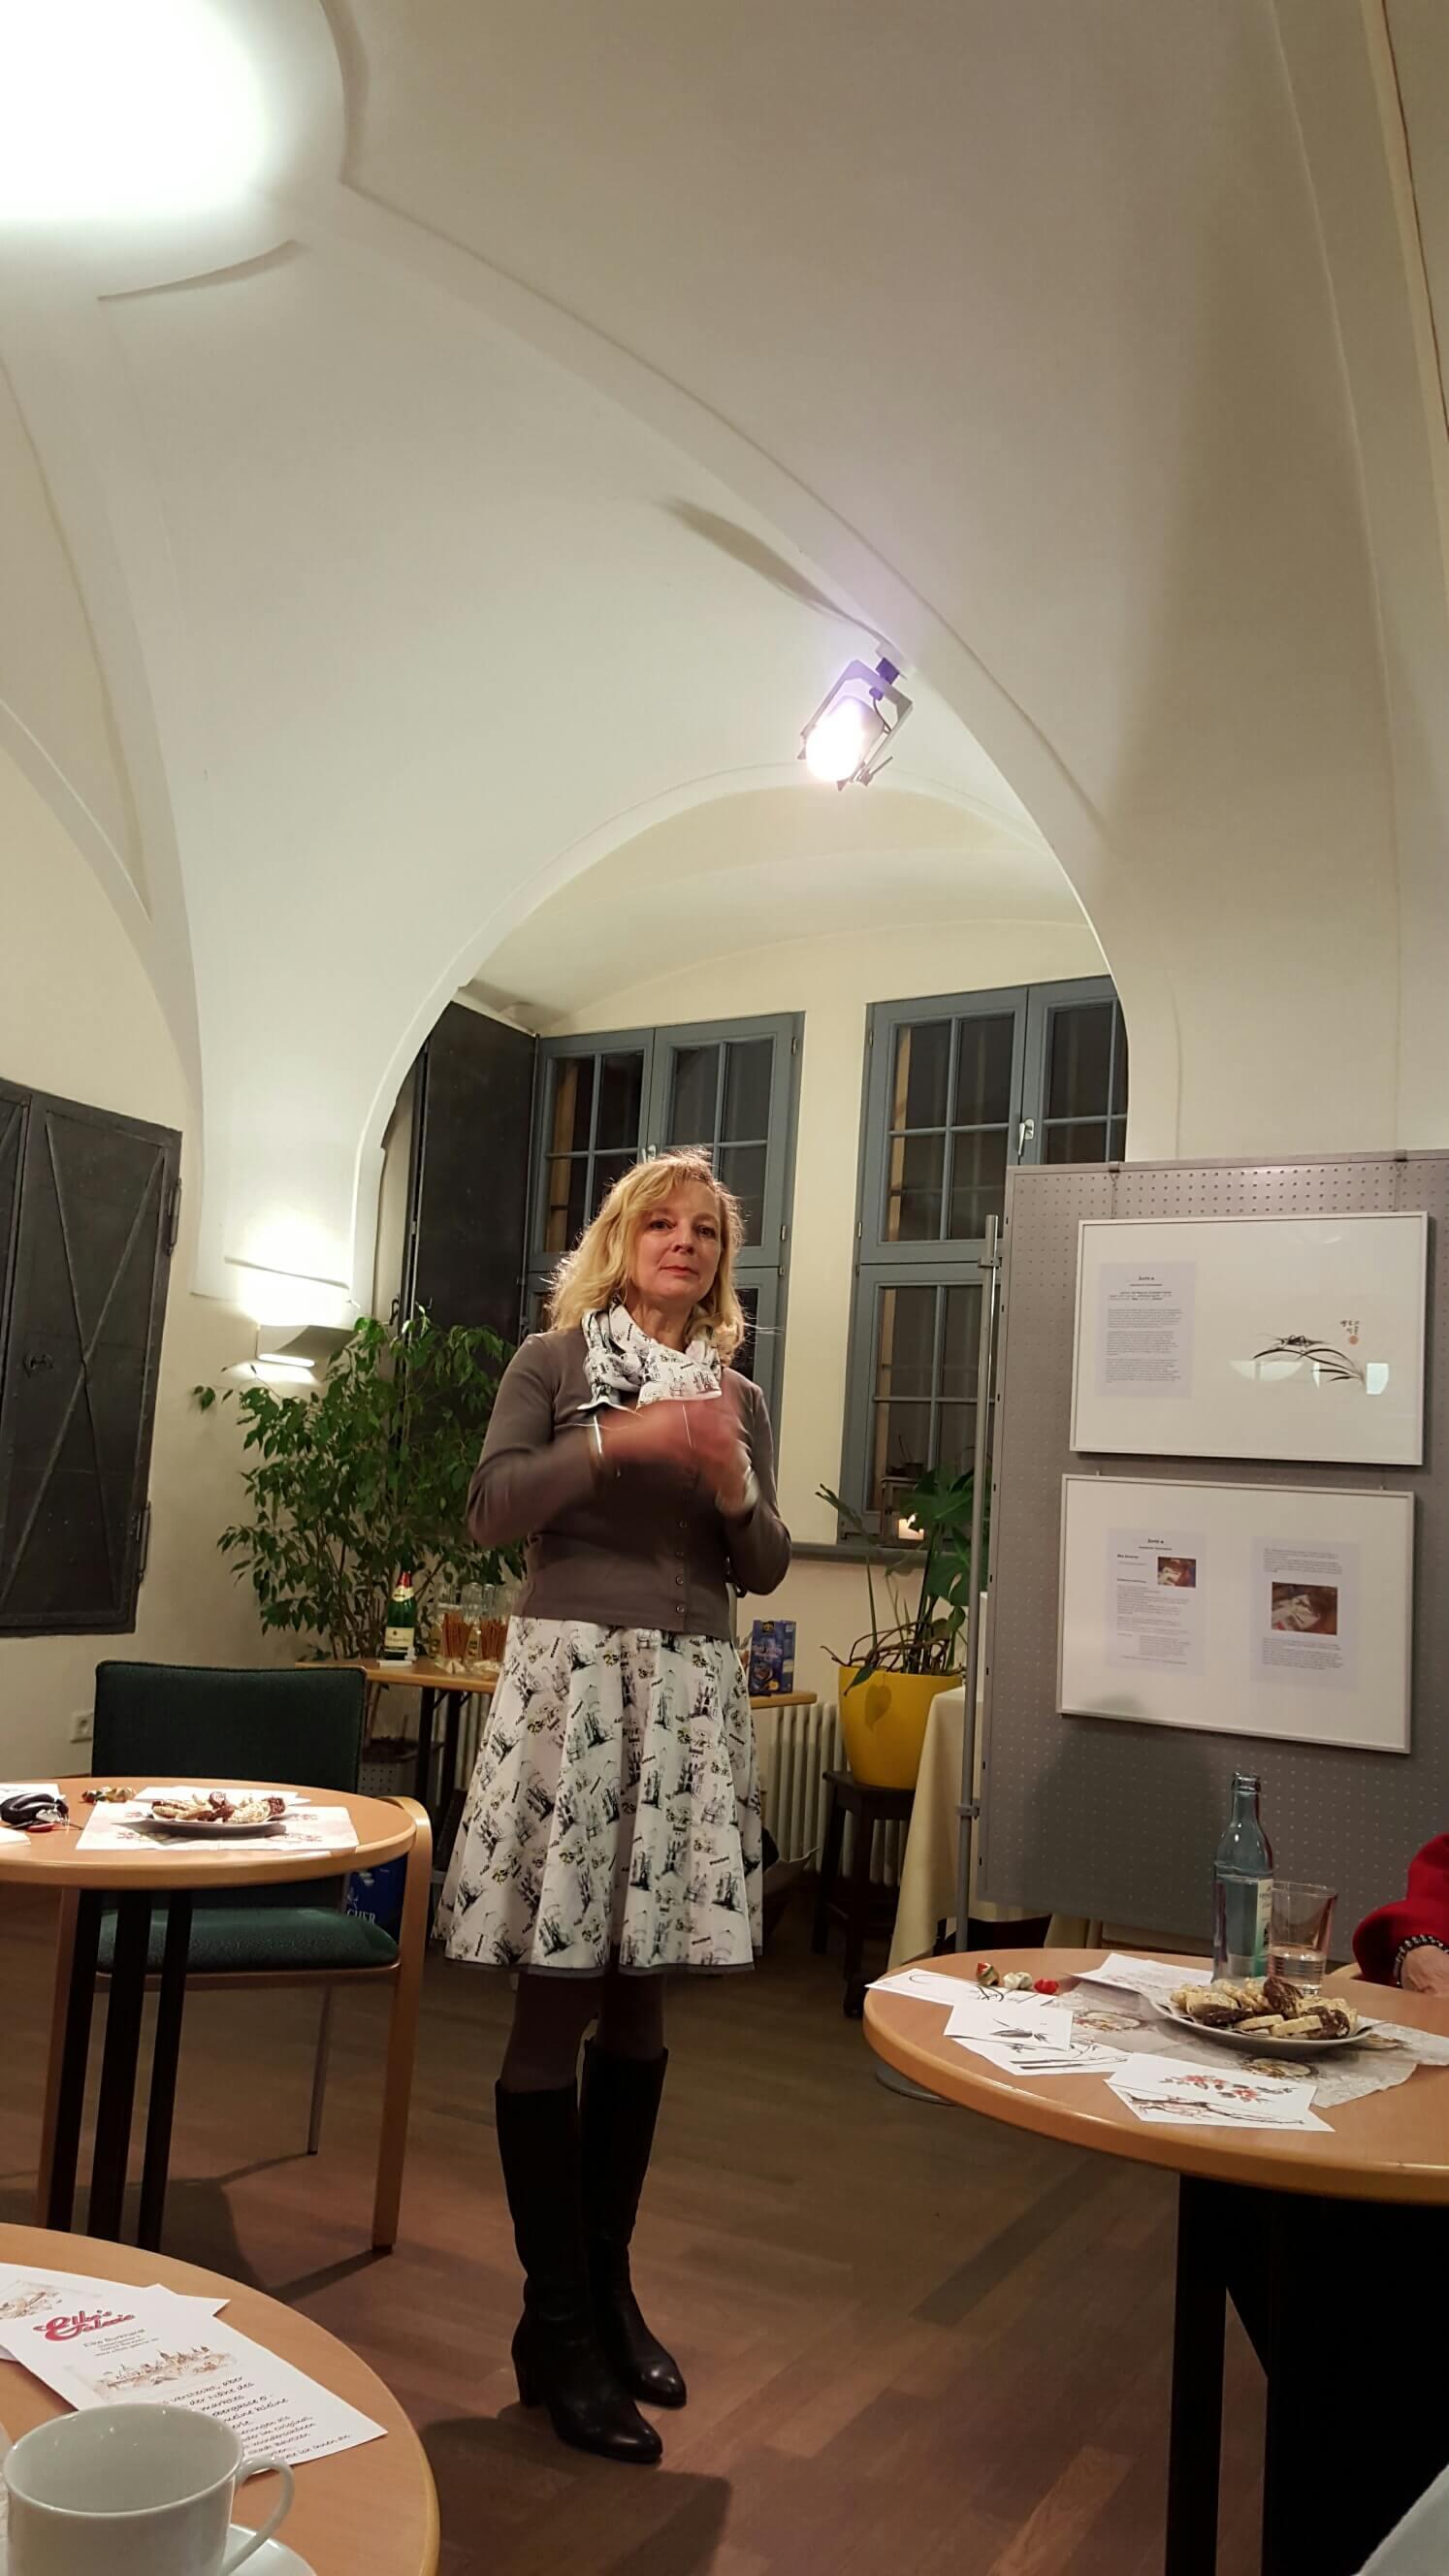 Vernissage Stadtbibliothek Bautzen_27.11.2015_02